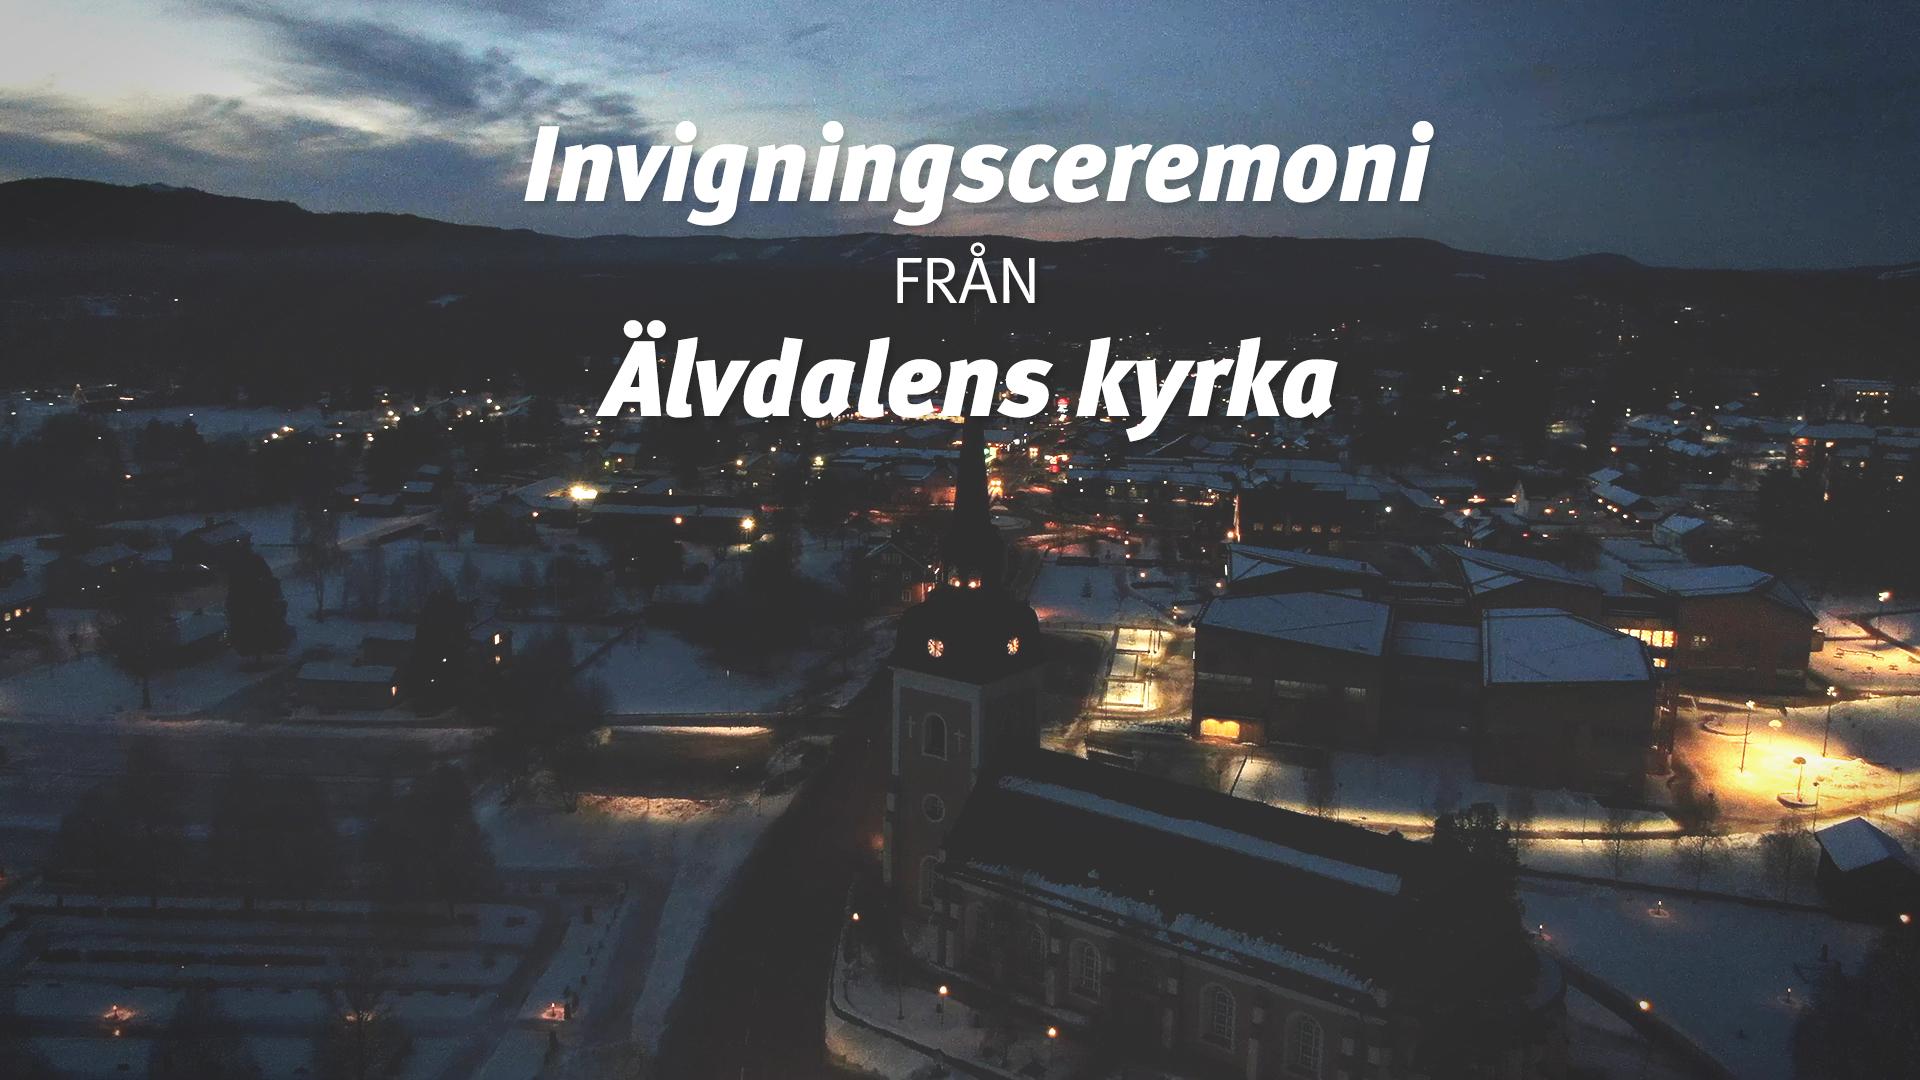 Invigningsceremoni från Älvdalens kyrka